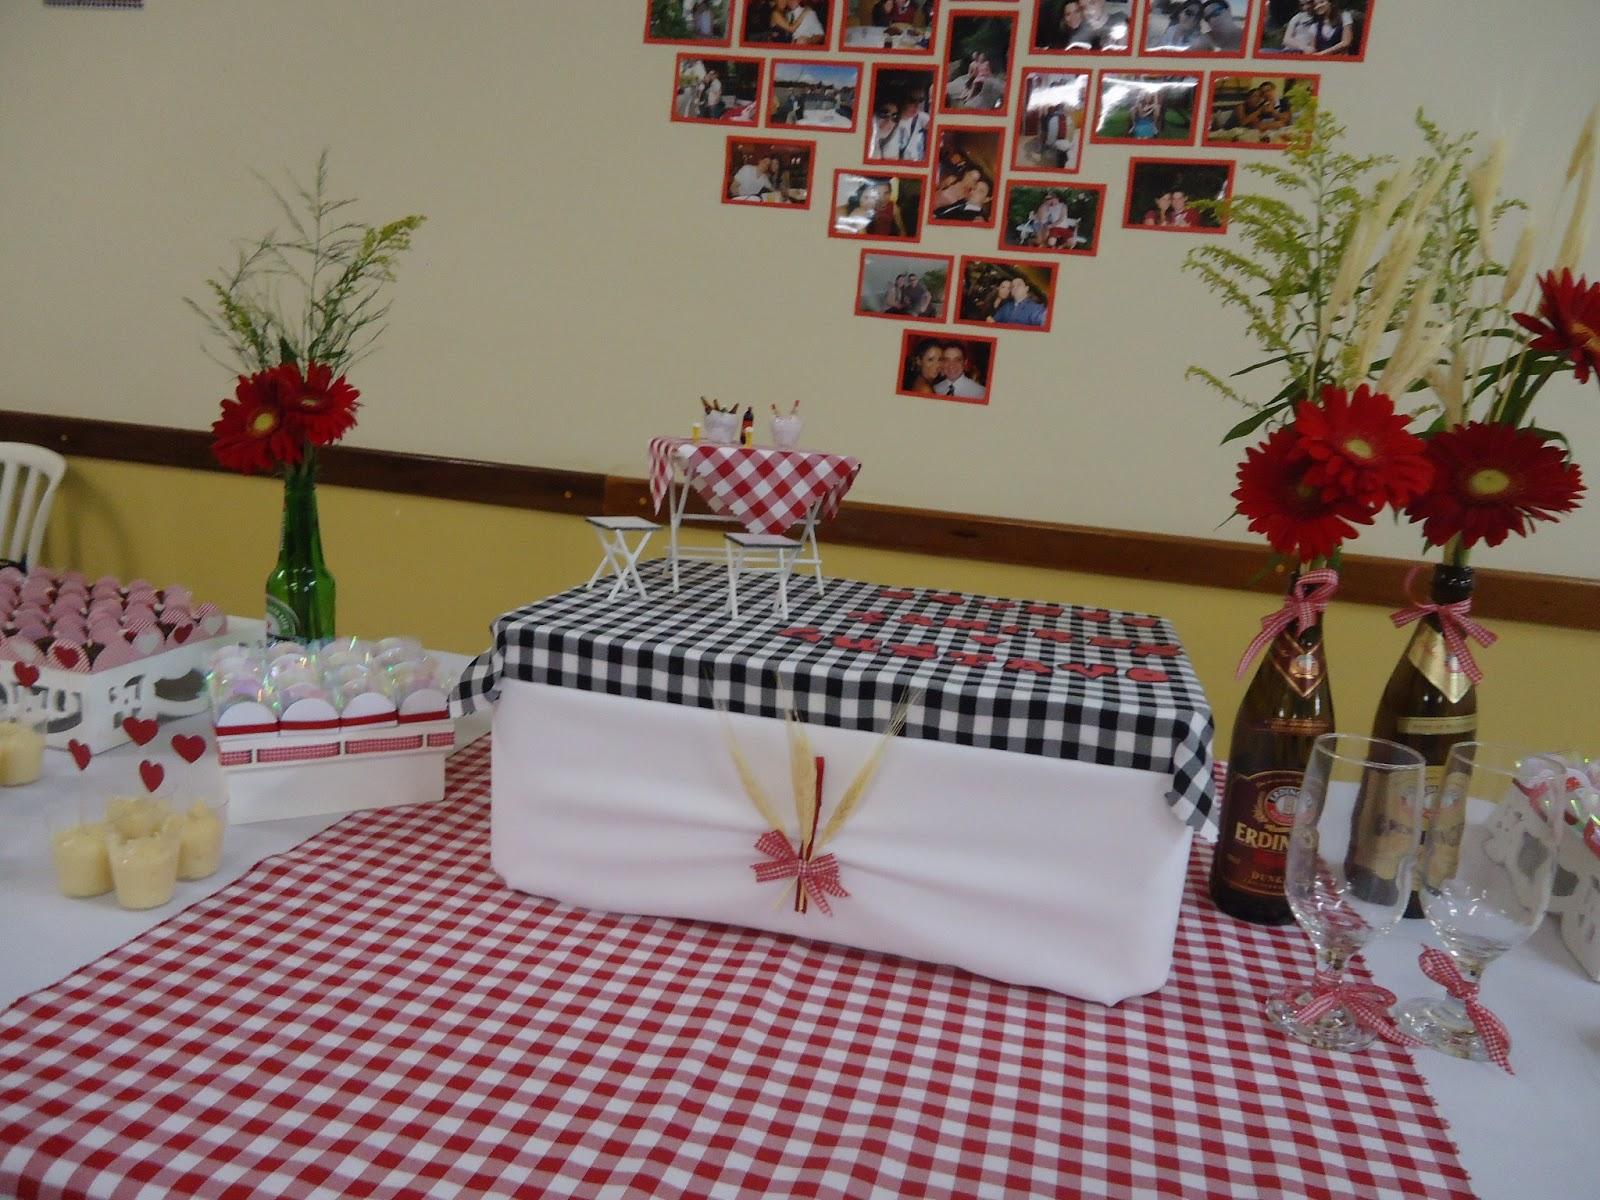 decoracao de boteco para noivado: mesinha, banquinhos de boteco (feitos pelo sogrinho) e miniaturas